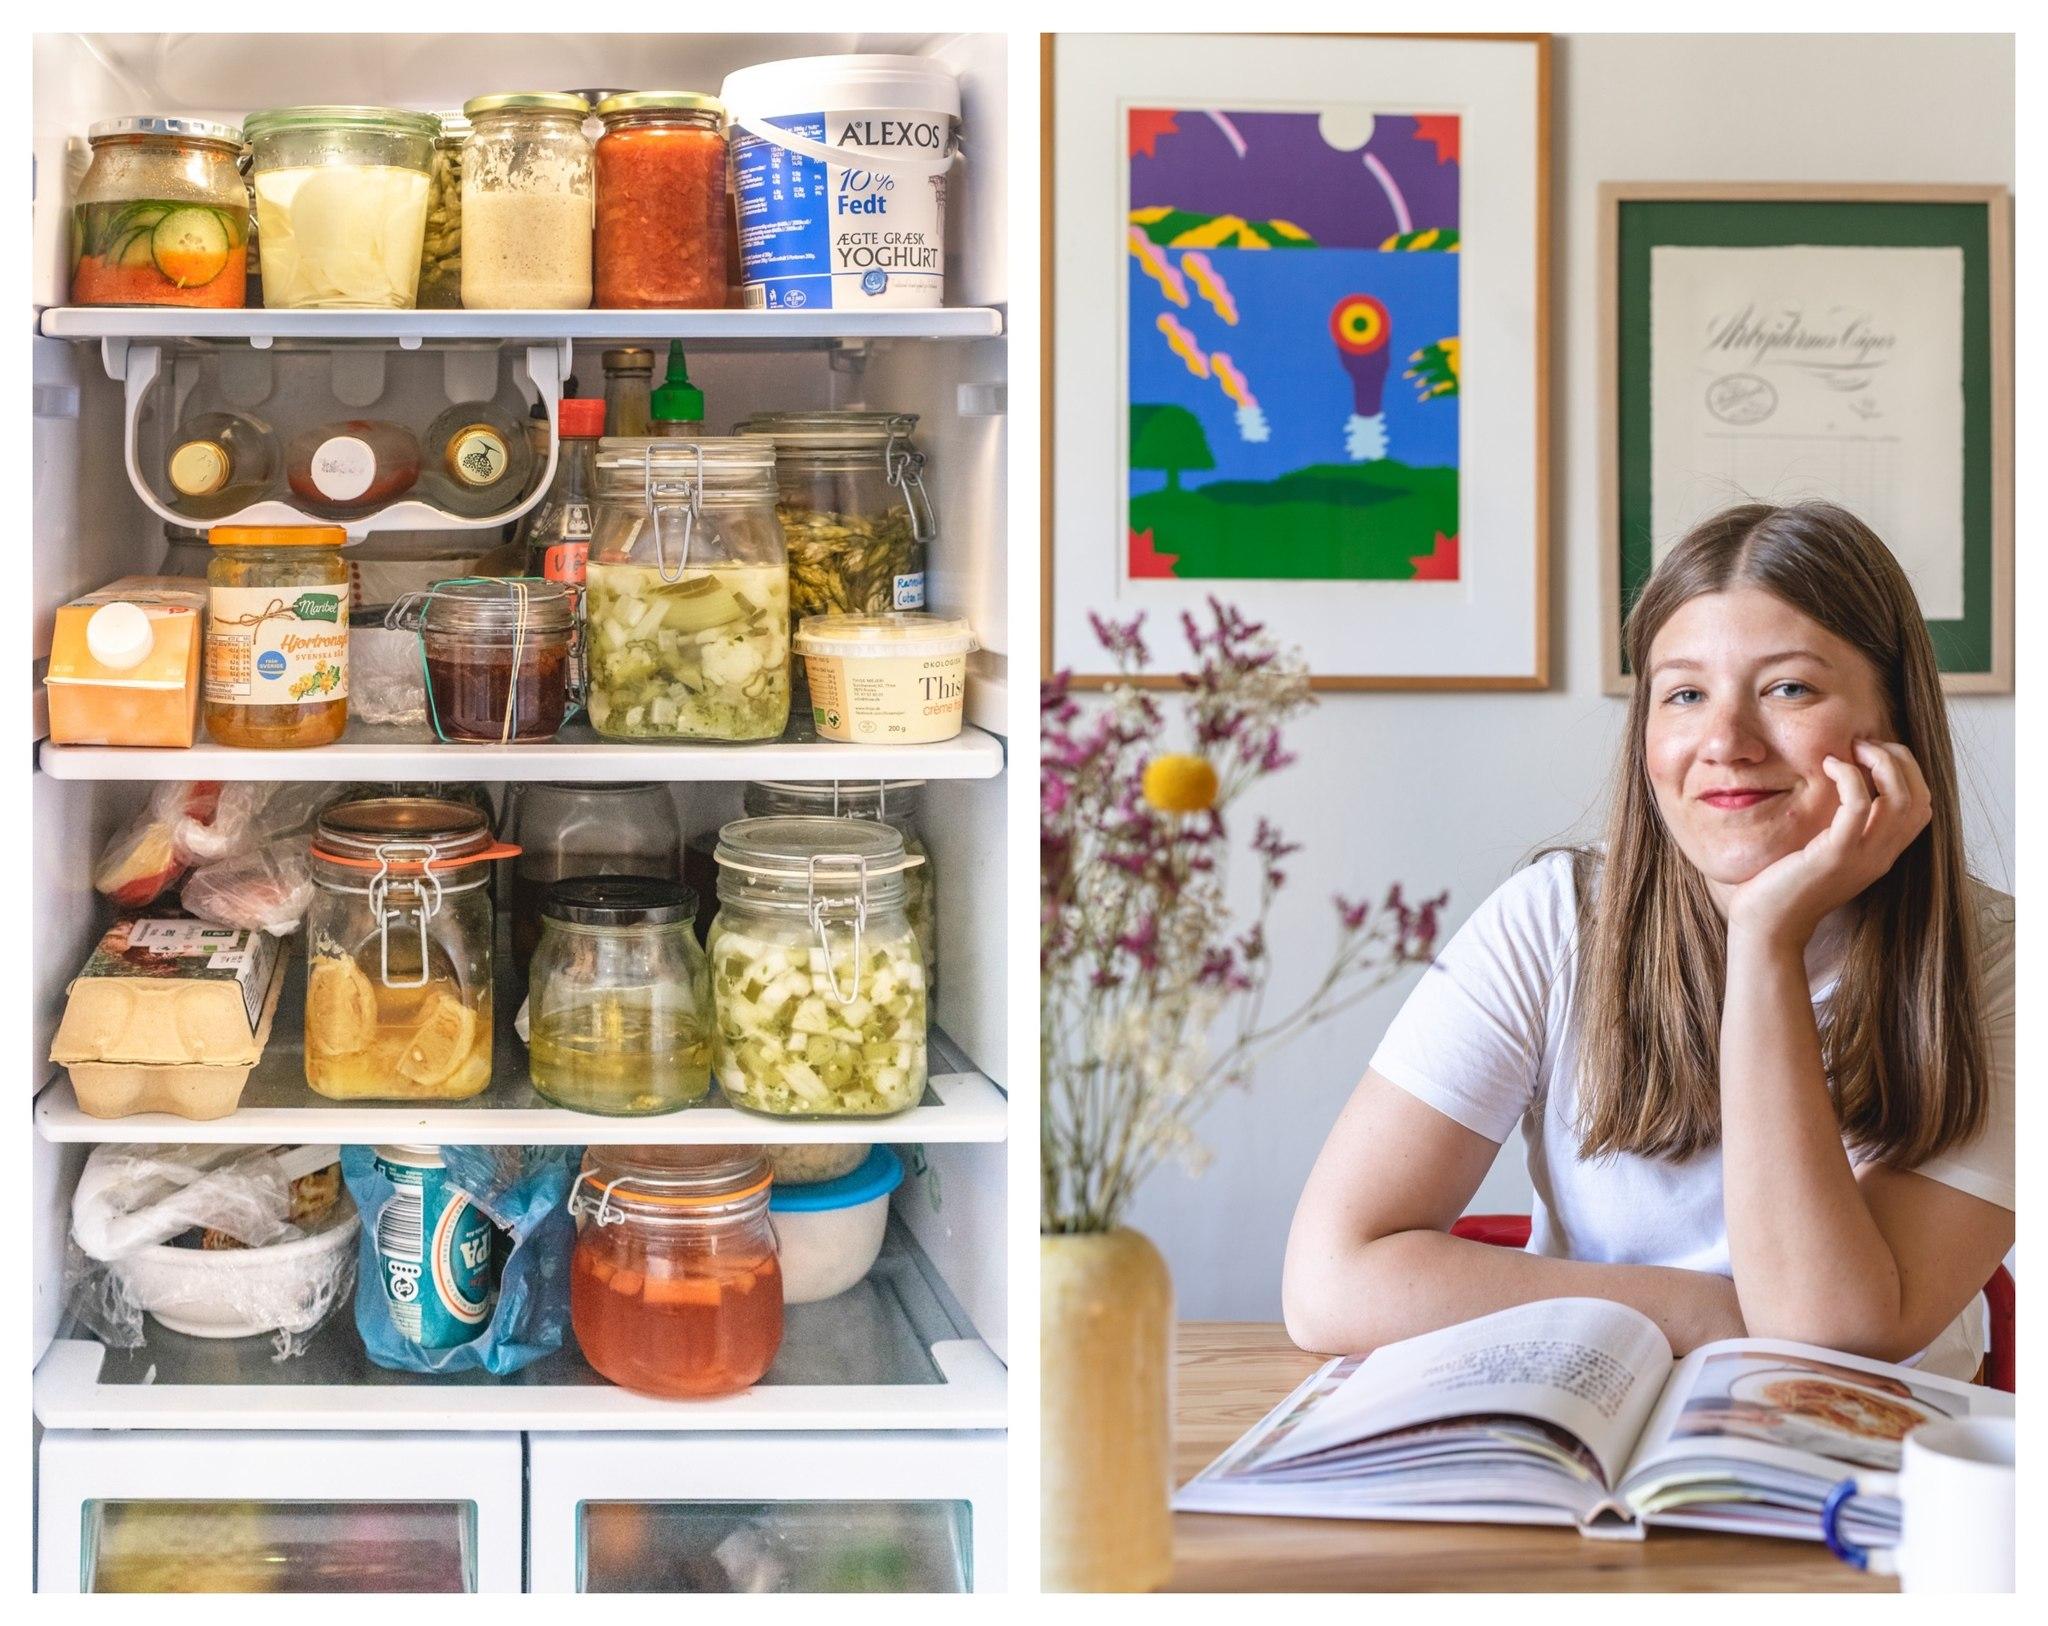 Vis mig dit køleskab: Camilla - vegetarisk hverdag og inspiration